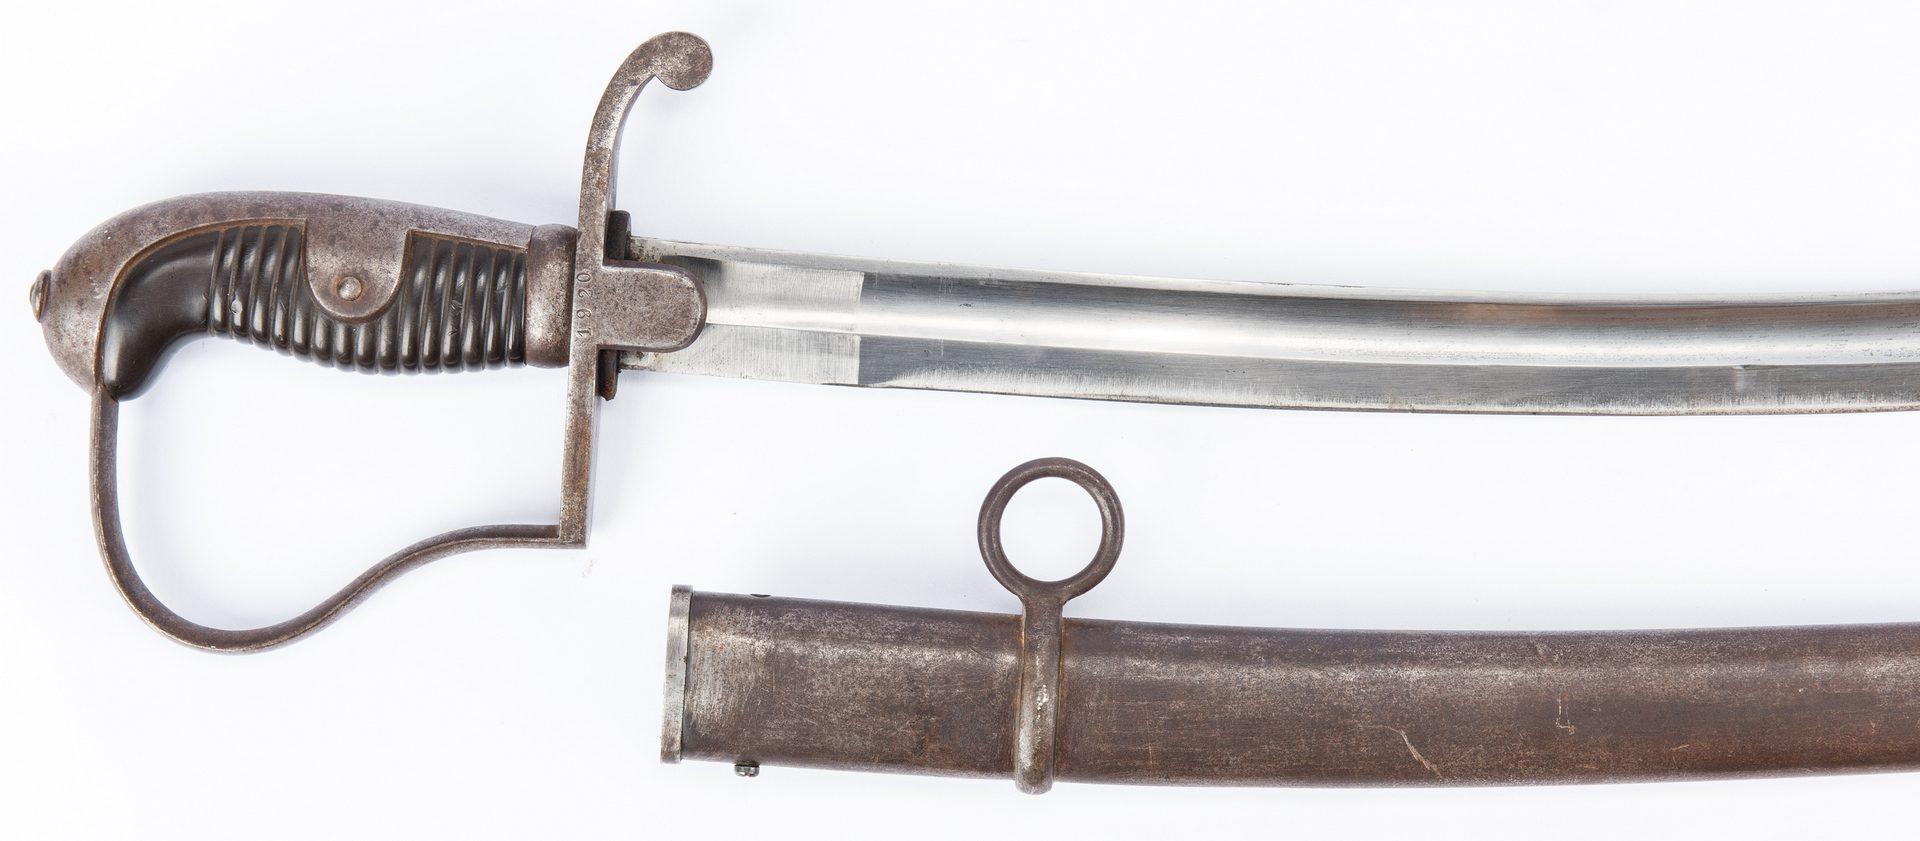 Lot 728: 3 Military Items, Sword/Bayonet/Belt